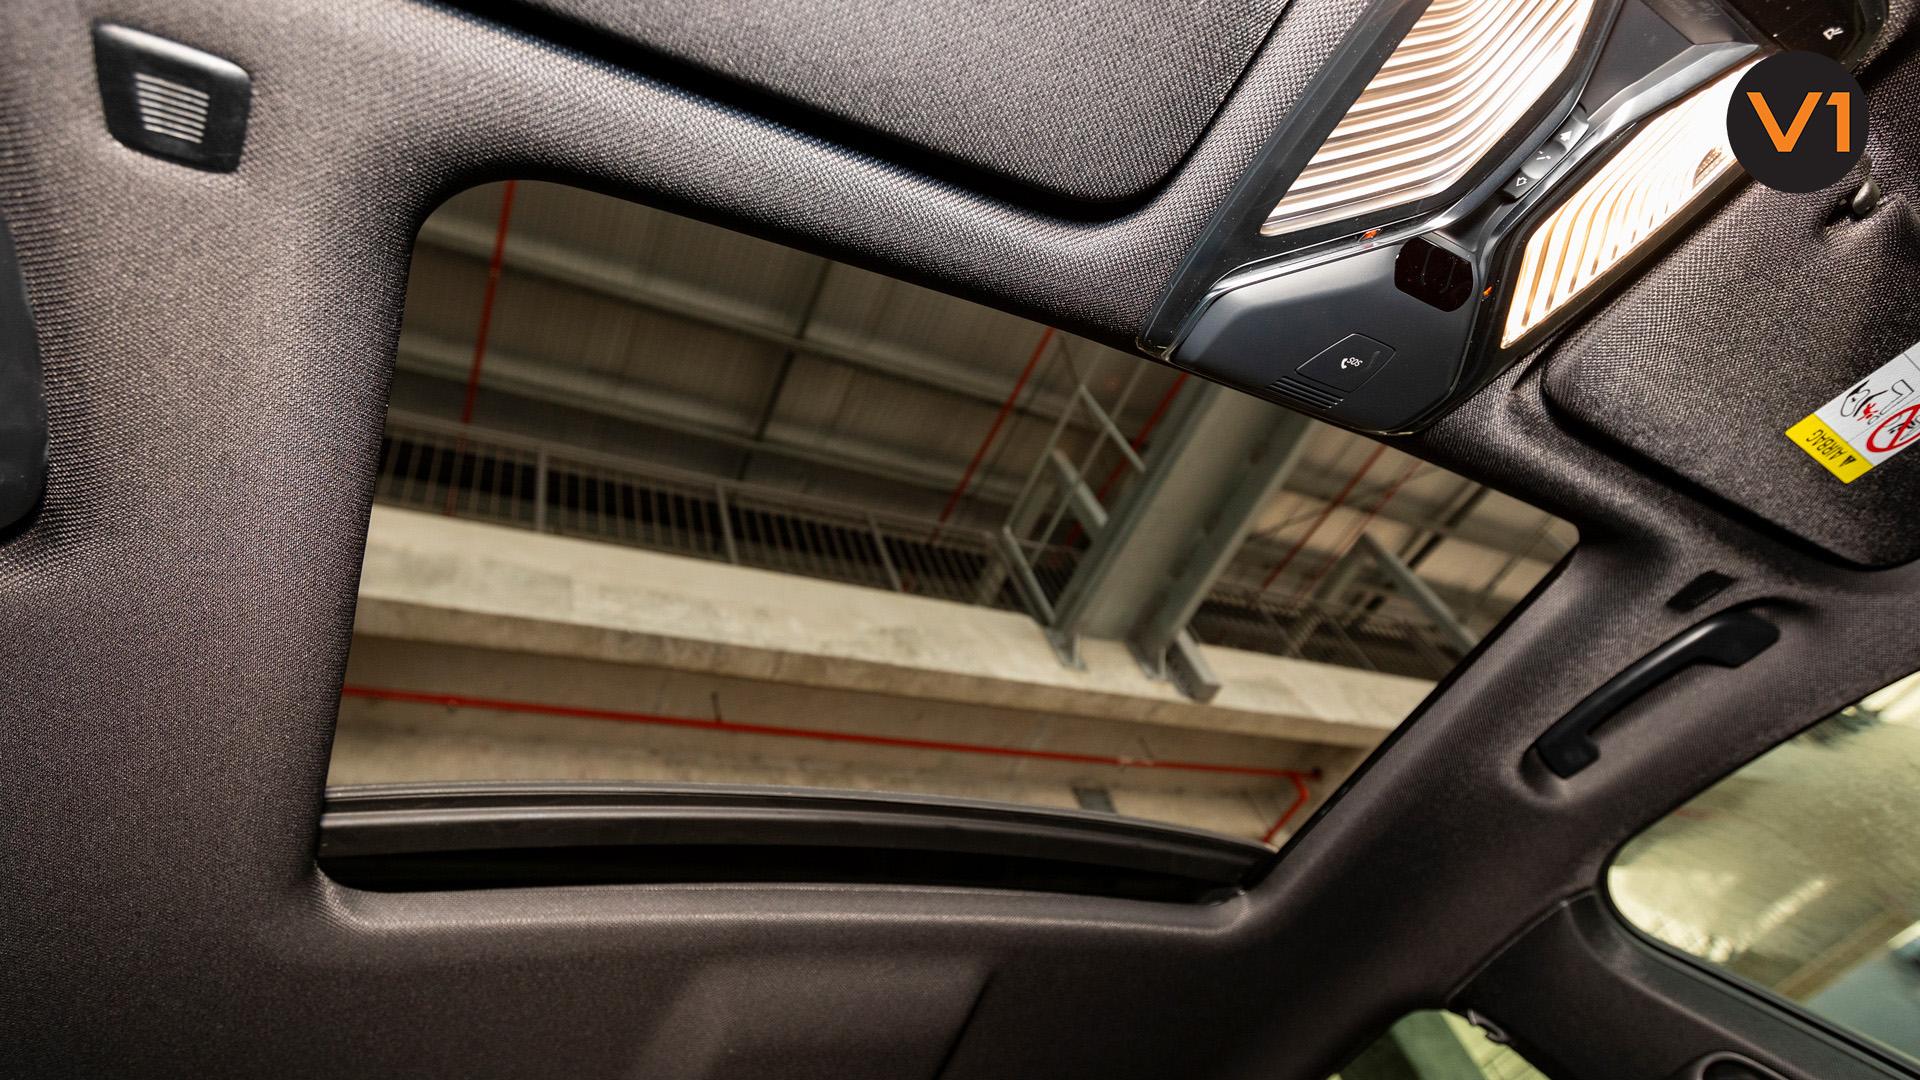 BMW 740LI M Sport Saloon - Sunroof